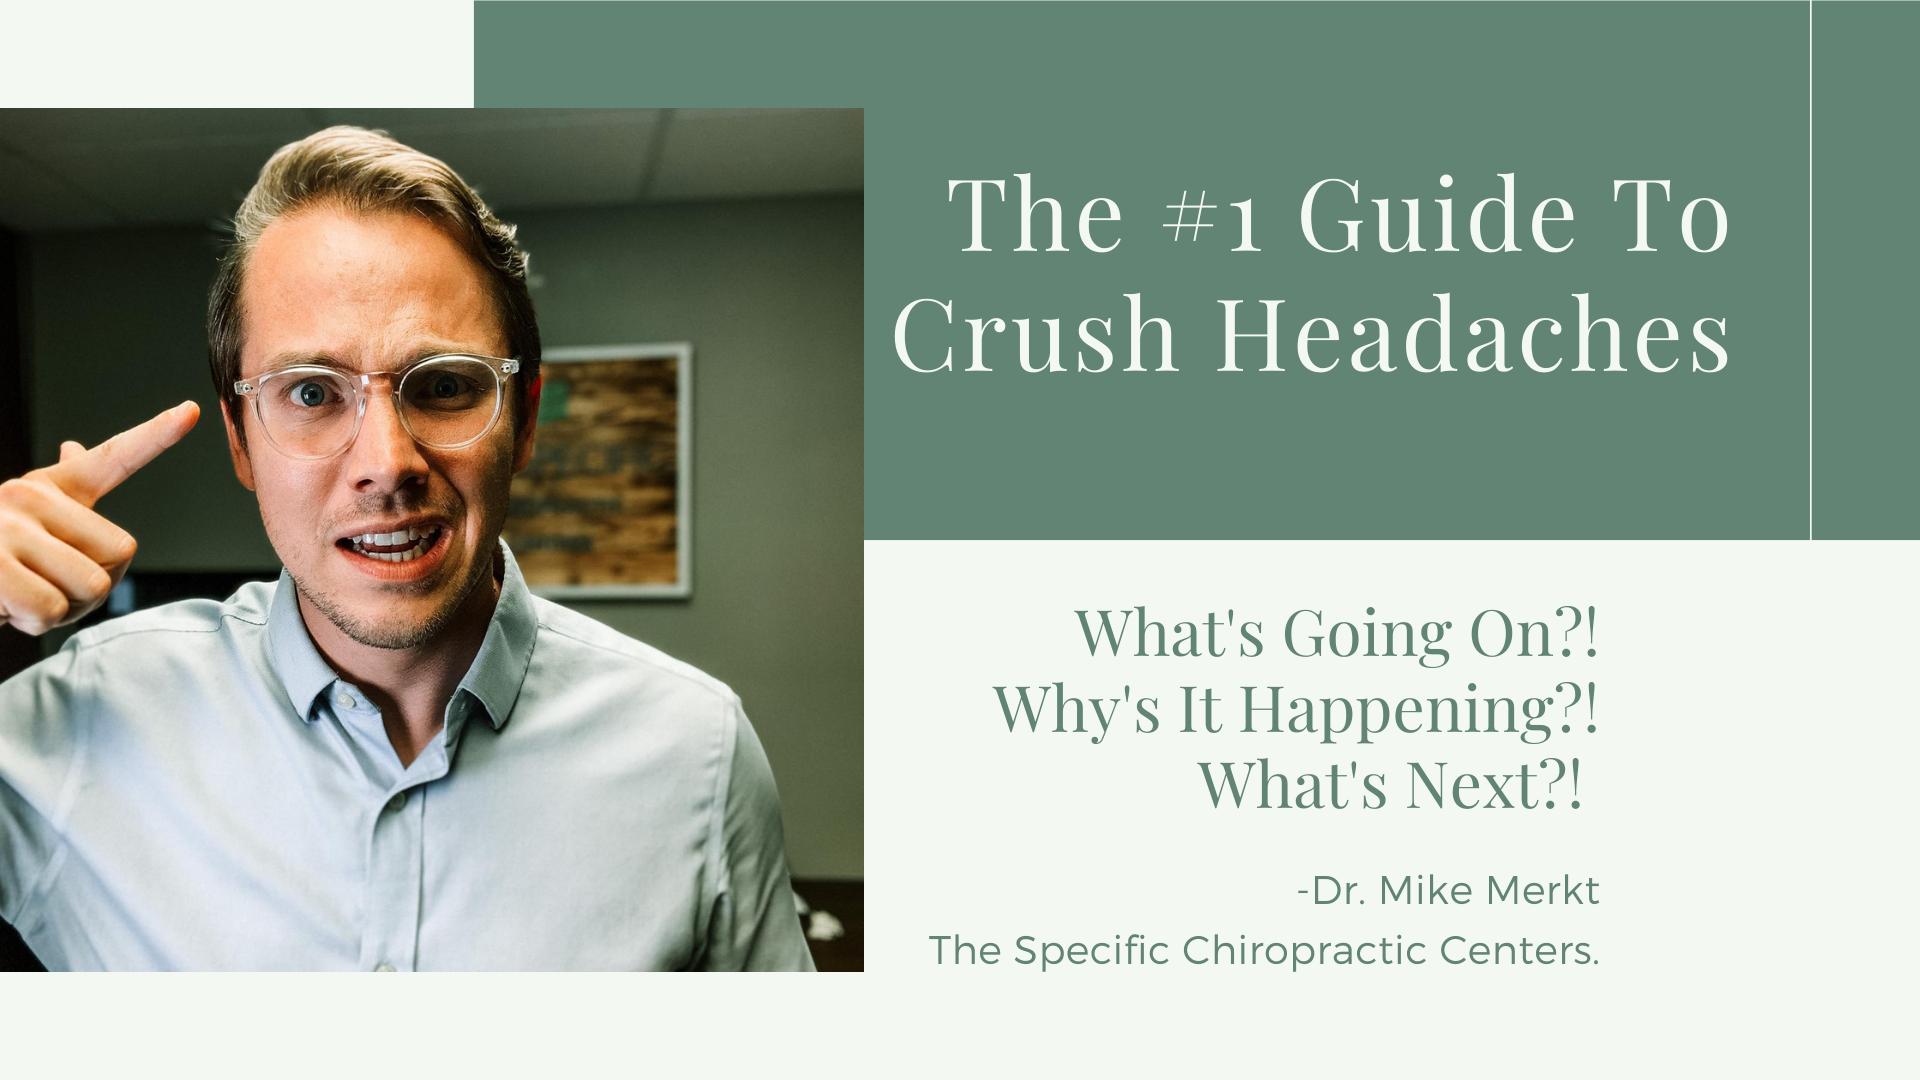 The #1 Guide to Crash Headaches